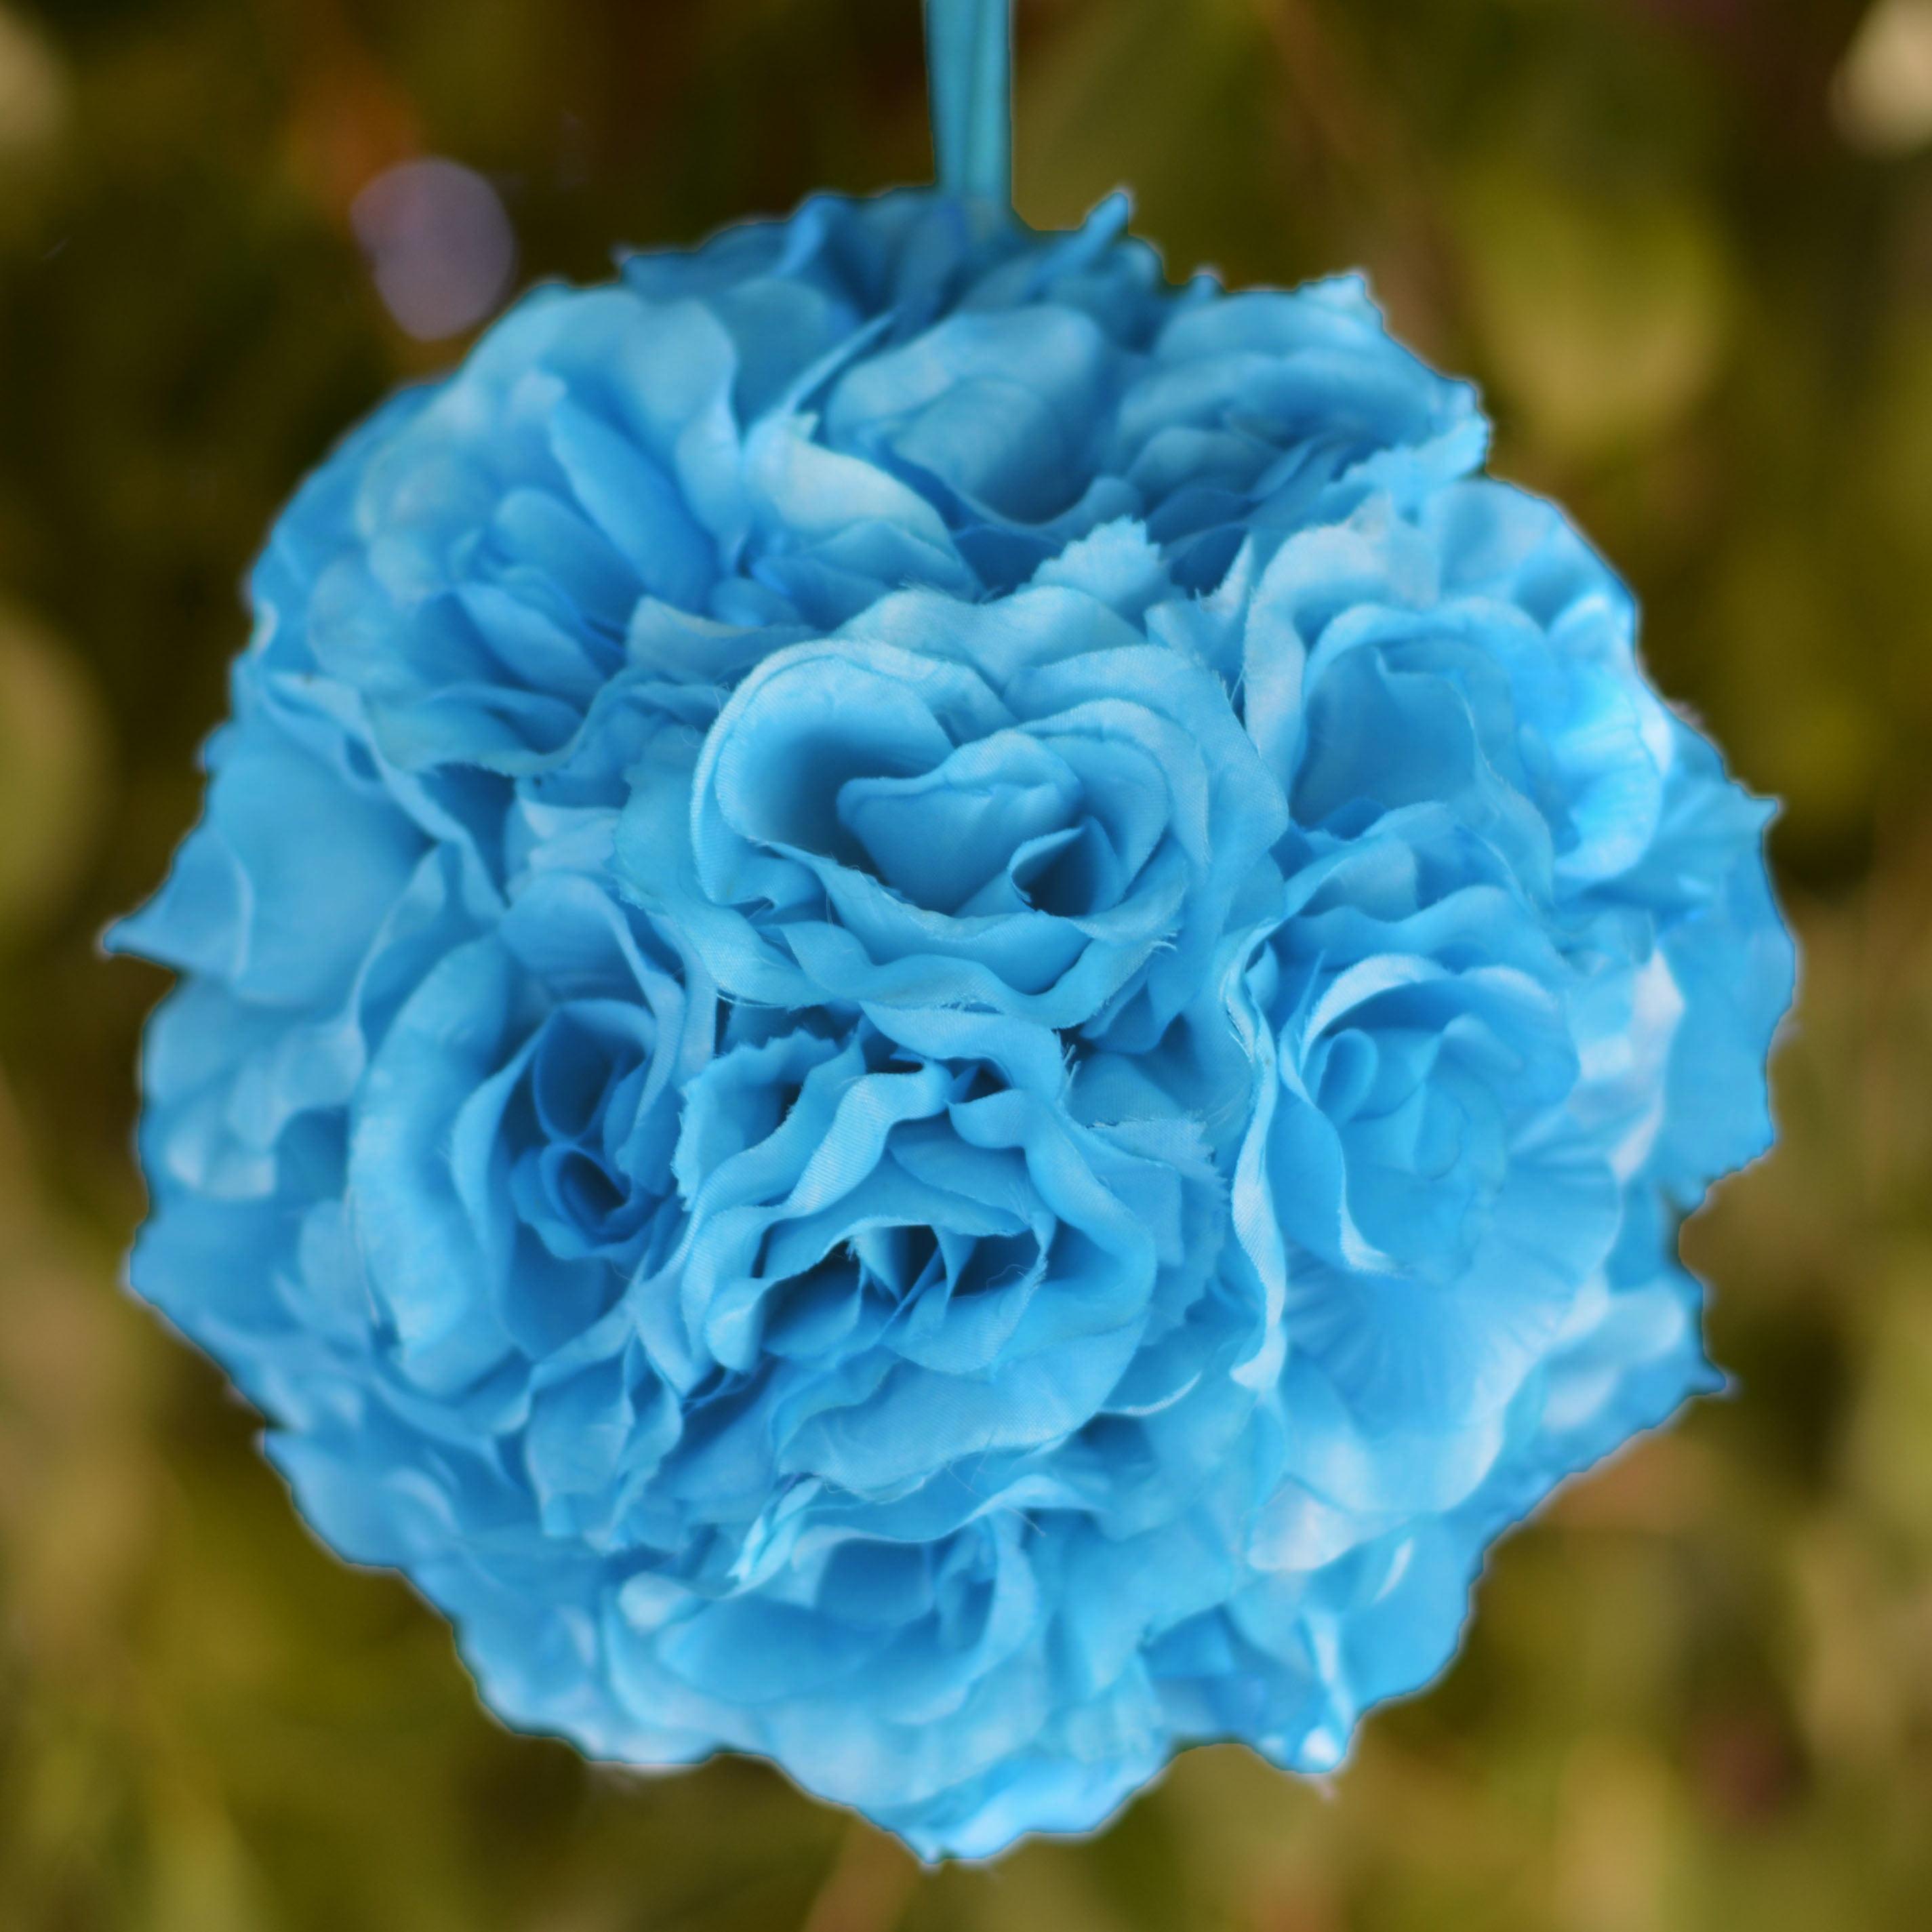 Whole Foods Florist Wedding: Efavormart 4 PCS Rose Pomander Silk Flower Balls For DIY